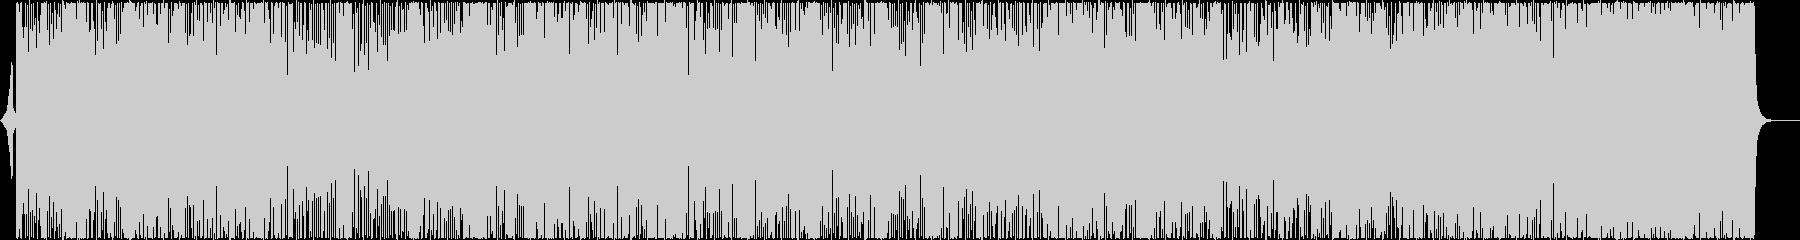 レトロな雰囲気のバブリーなディスコの未再生の波形